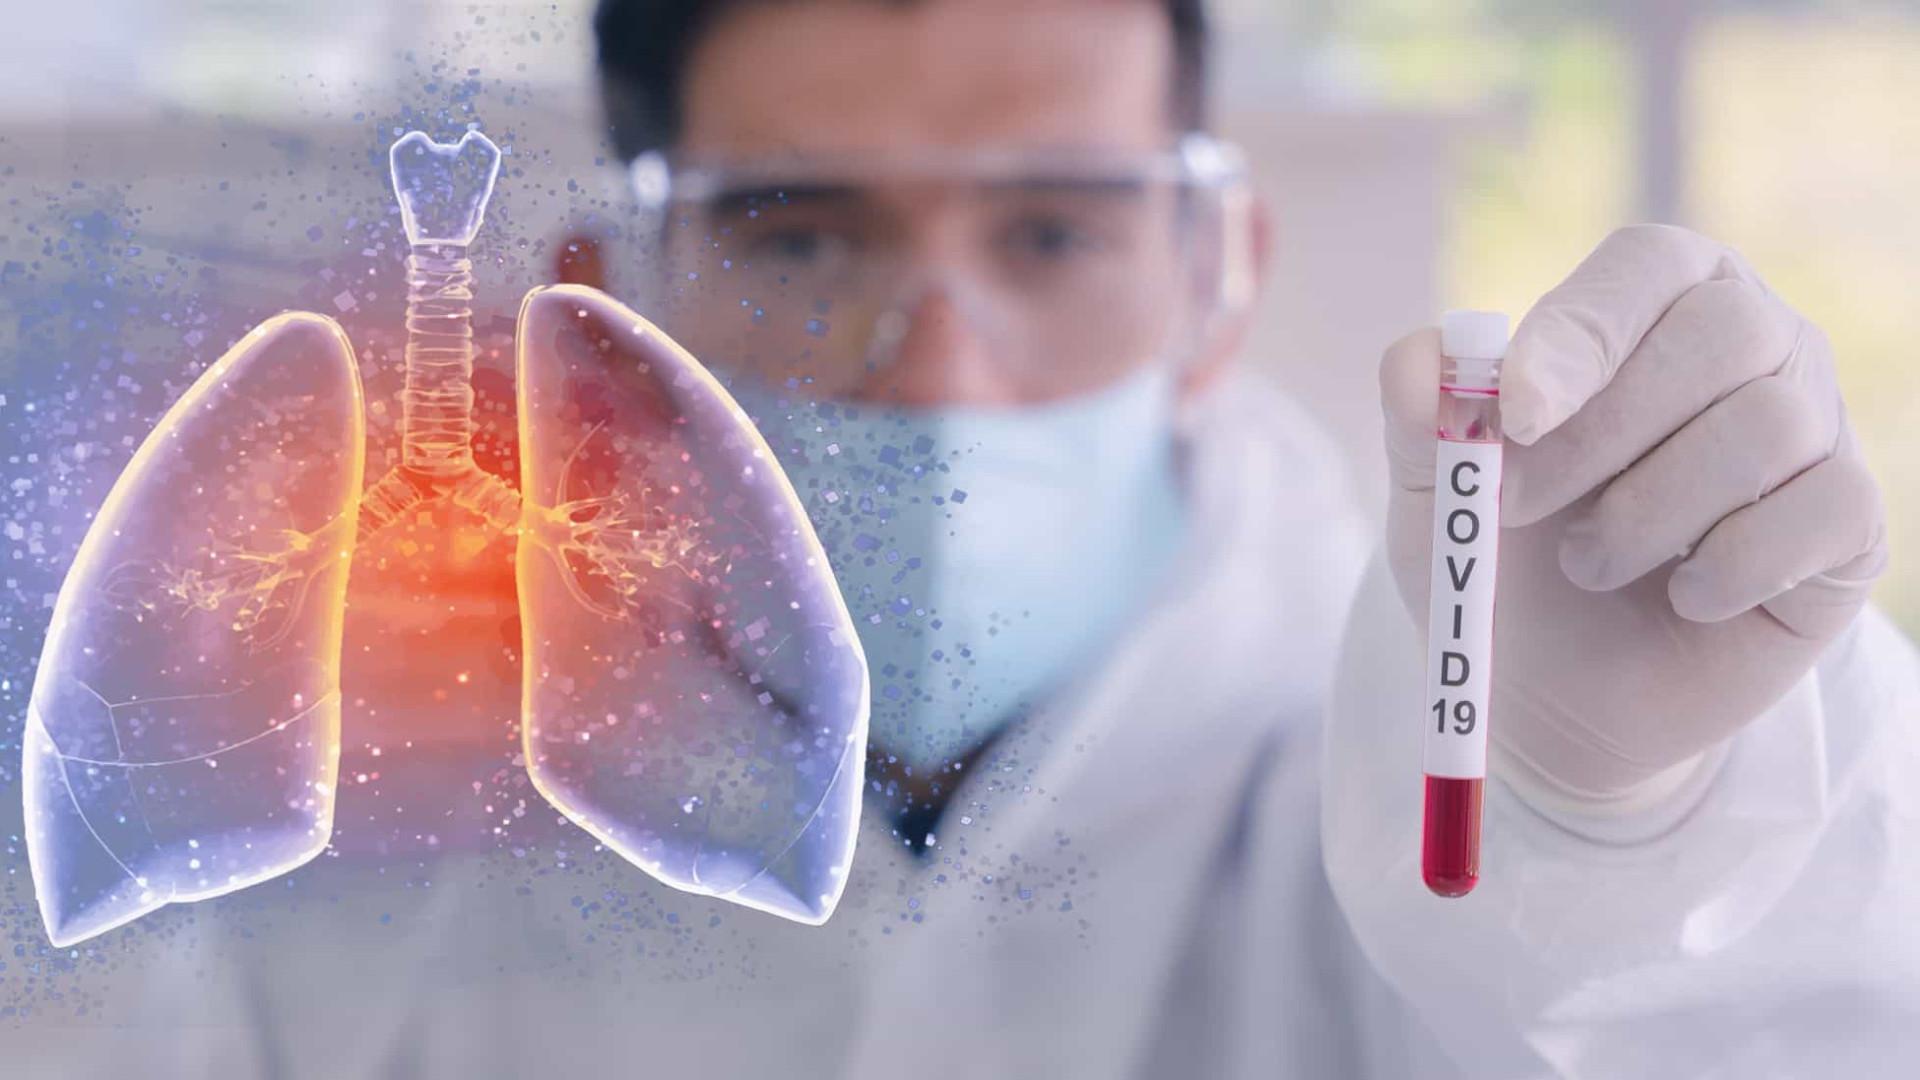 Cientistas criam teste para Covid-19 com resultados em 30 minutos